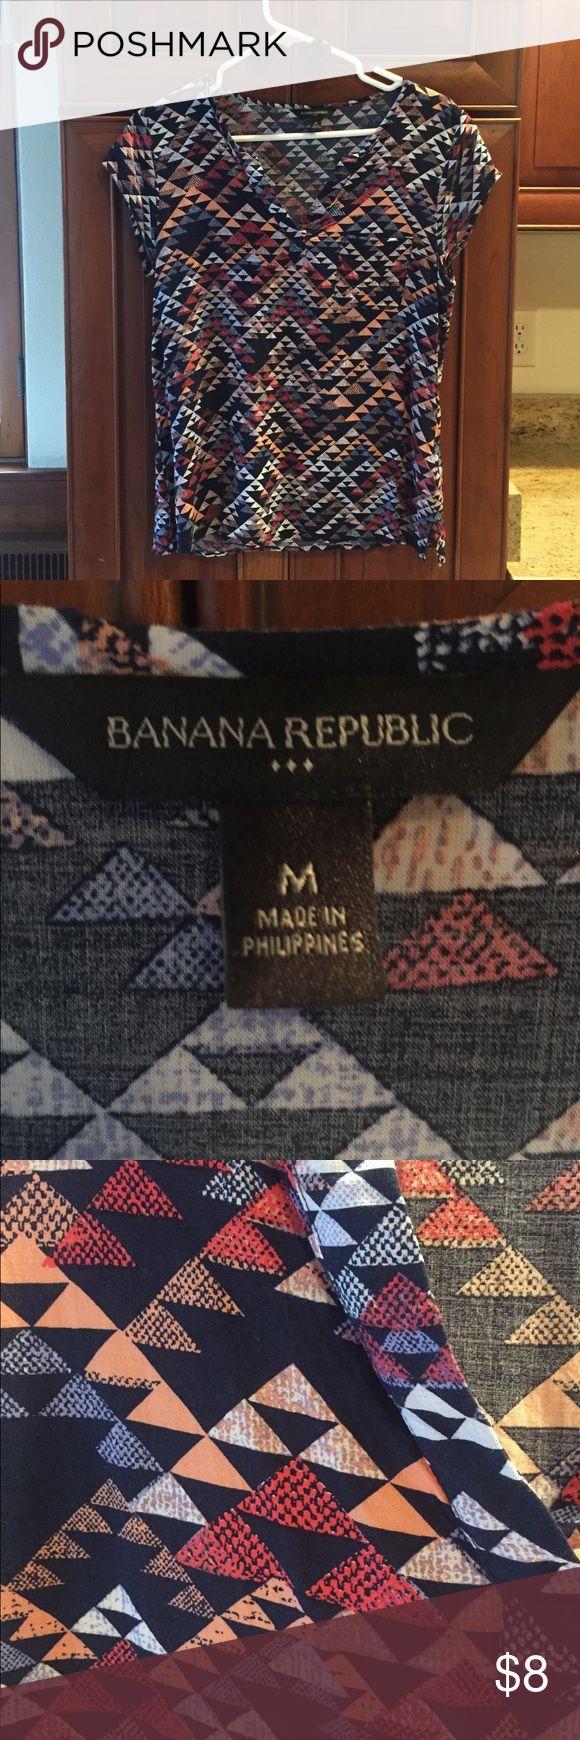 Banana Republic Short Sleeve Geometric Top Banana Republic Short Sleeve Geometric Top Banana Republic Tops